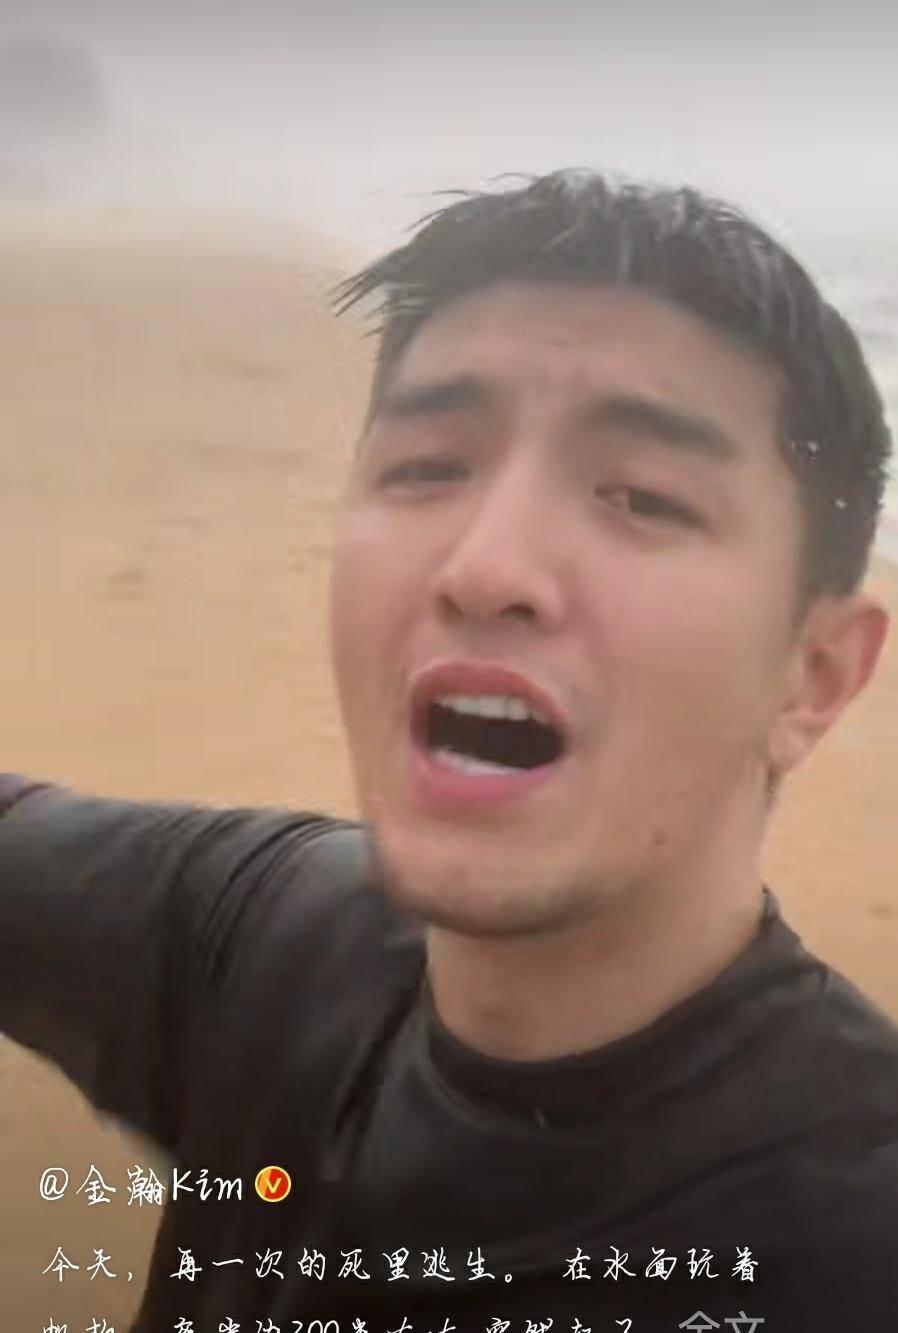 """金瀚玩帆船遭遇台风,发文讲述""""死里逃生""""经过,着实危险!"""